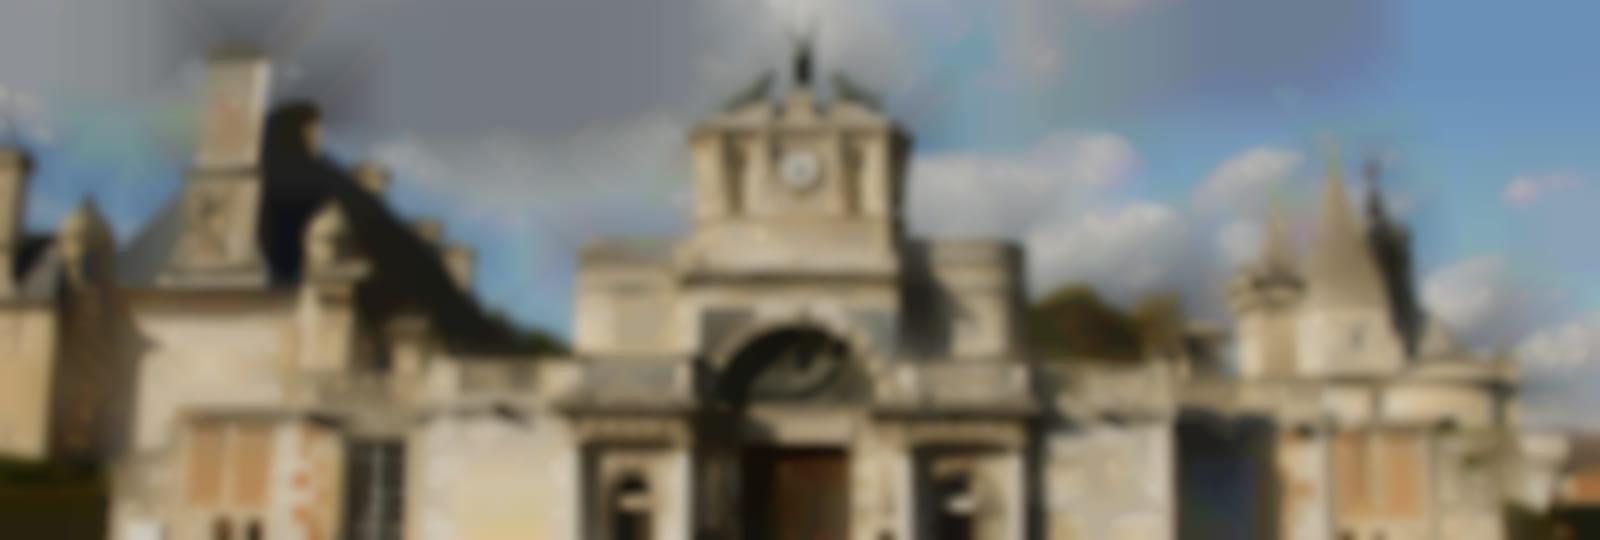 Château d'Anet